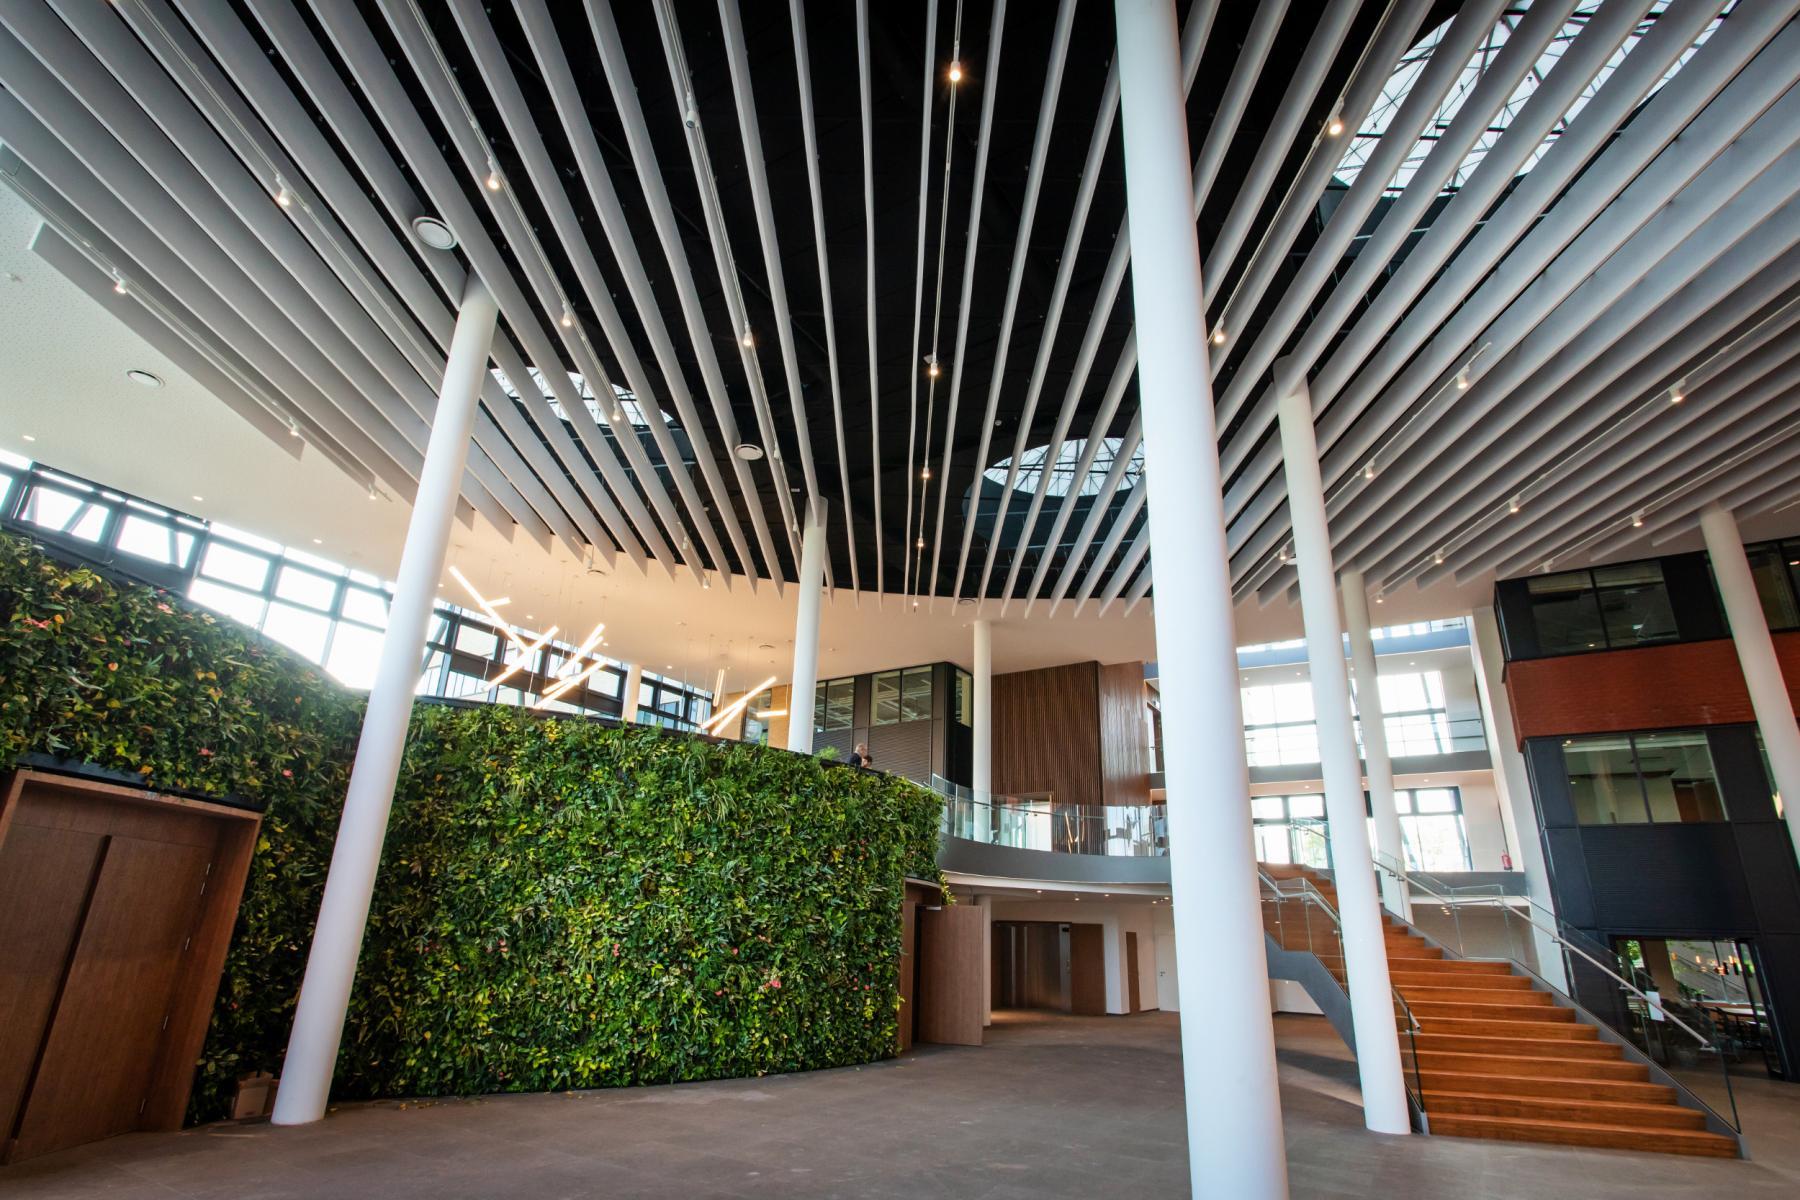 kantoor te huur bedrijvencentrum brussel airport greenwall